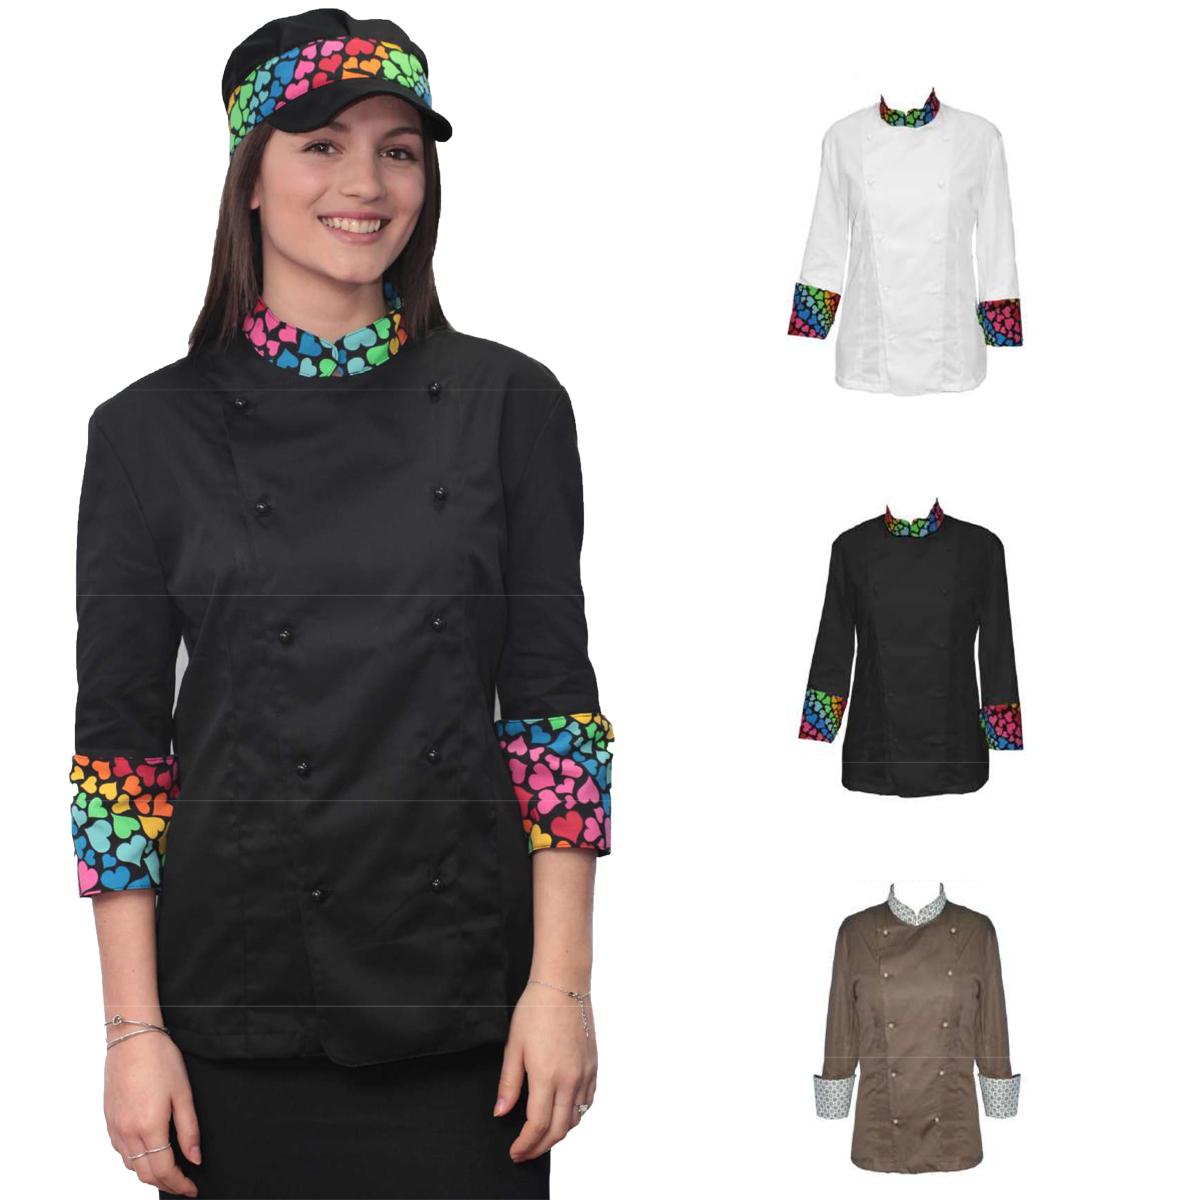 FRT-000011813 - Giacche Cucina - fratelliditalia abbigliamento militare e  softair e abiti da lavoro - Divisa giacca donna lavoro cuoco ristorazione  chef ... 98059b93622